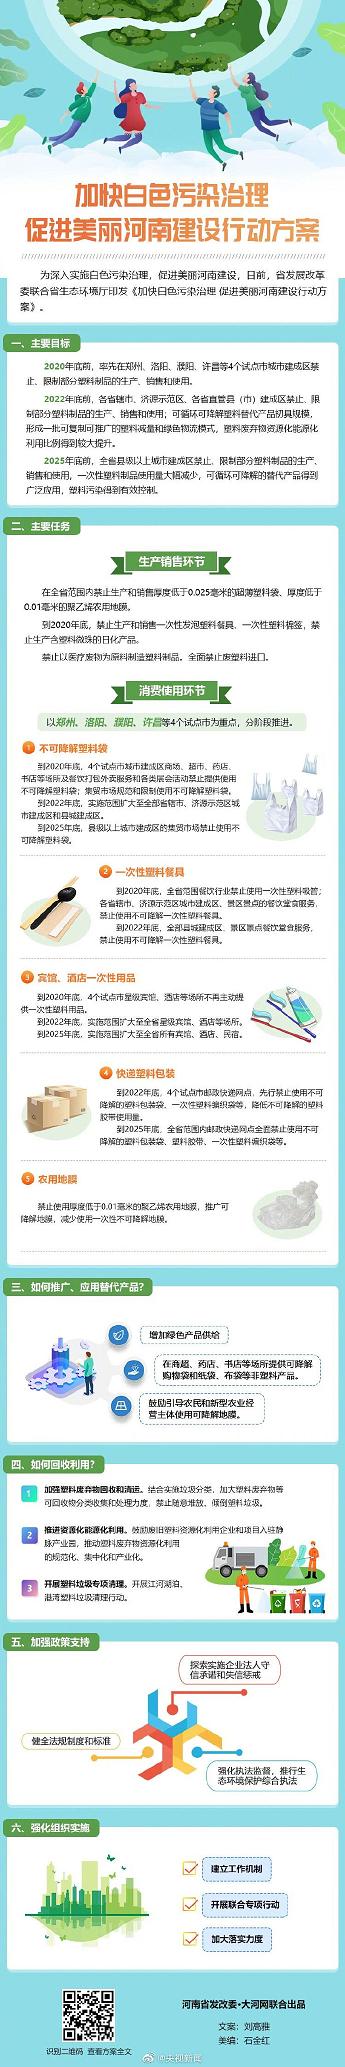 高德注册,产销高德注册售一次性塑料制品图片